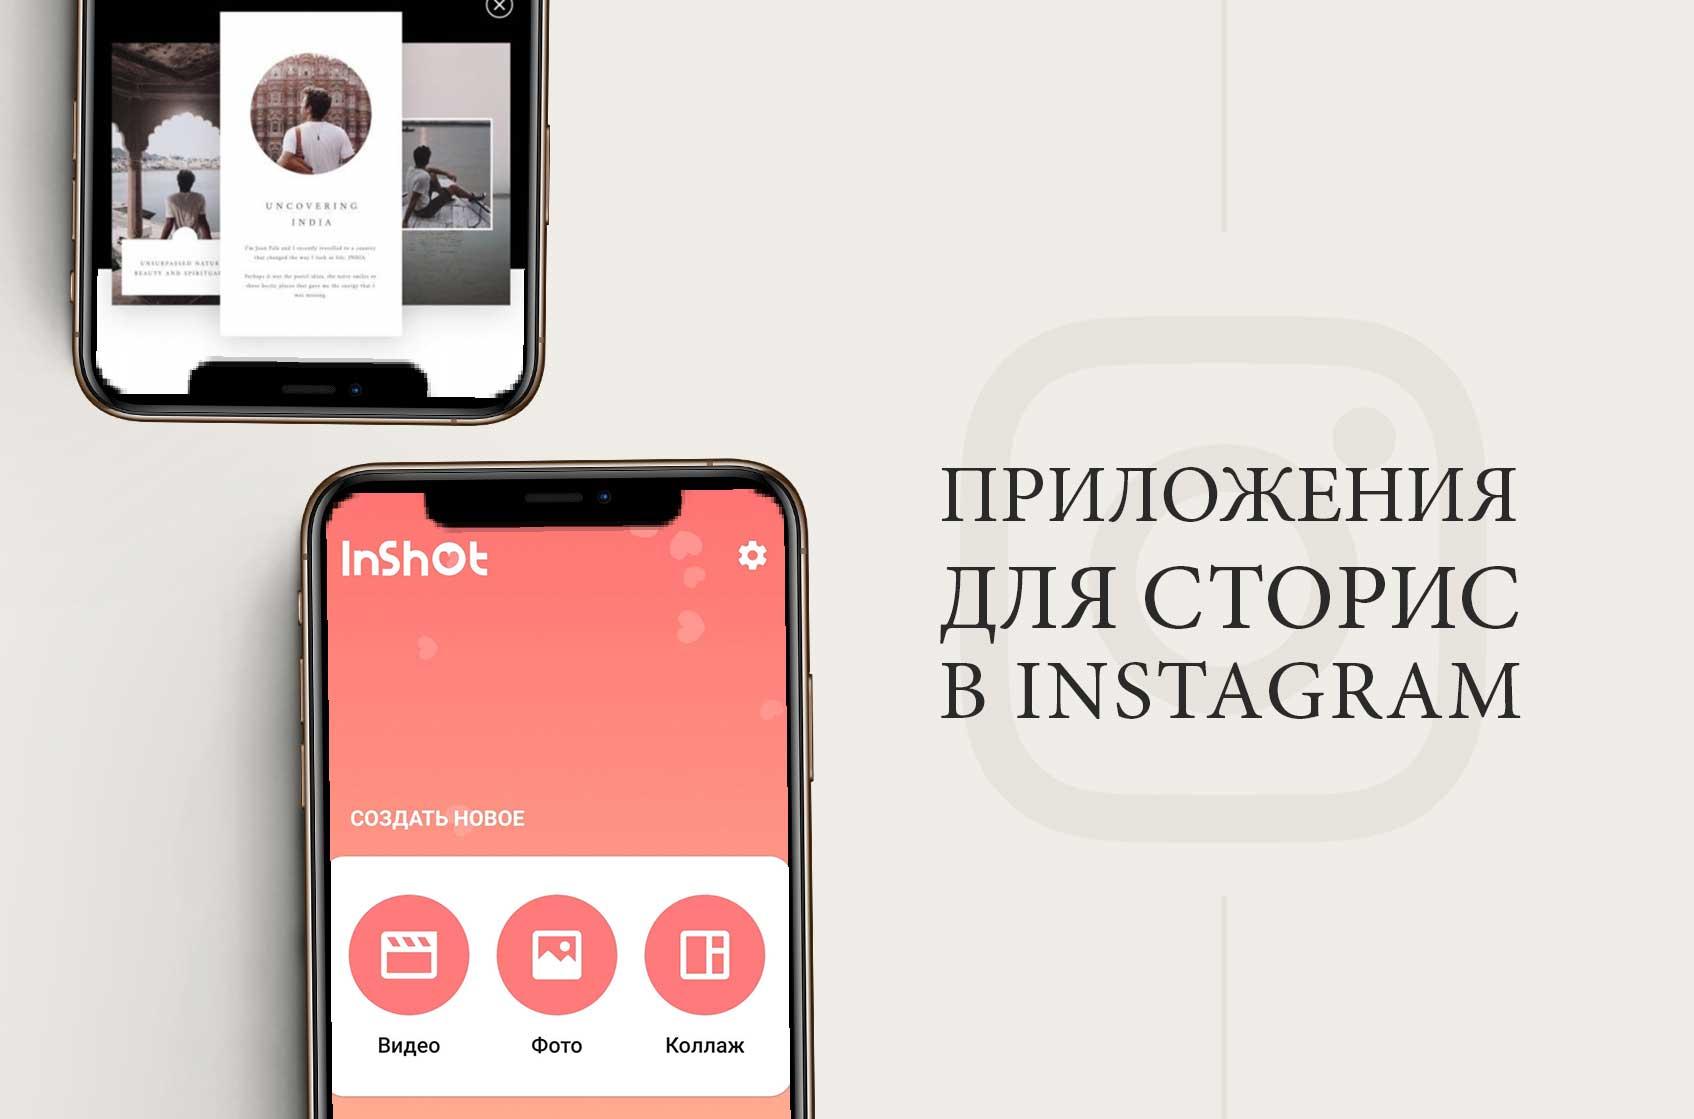 приложения для сторис в инстаграм